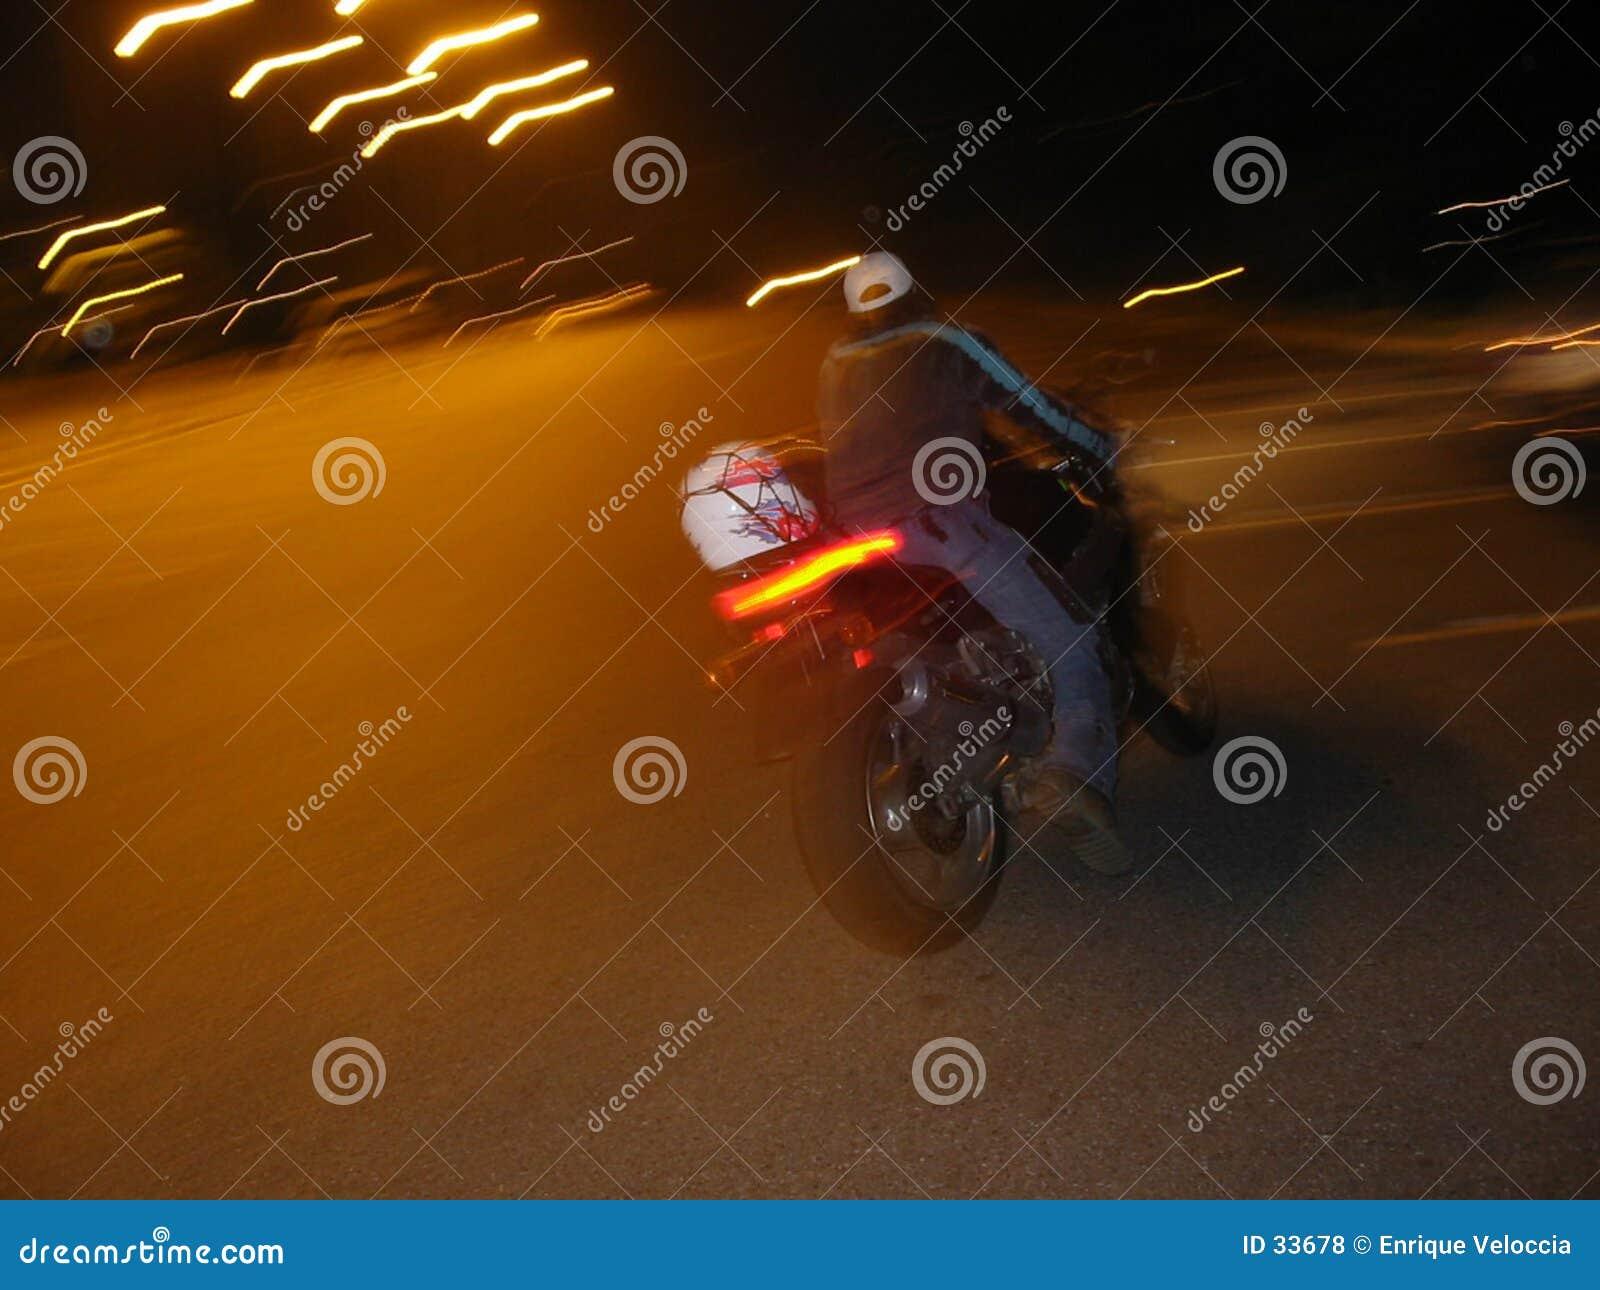 Download Moto Effekt stockfoto. Bild von luci, leuchten, effekt, leuchte - 33678